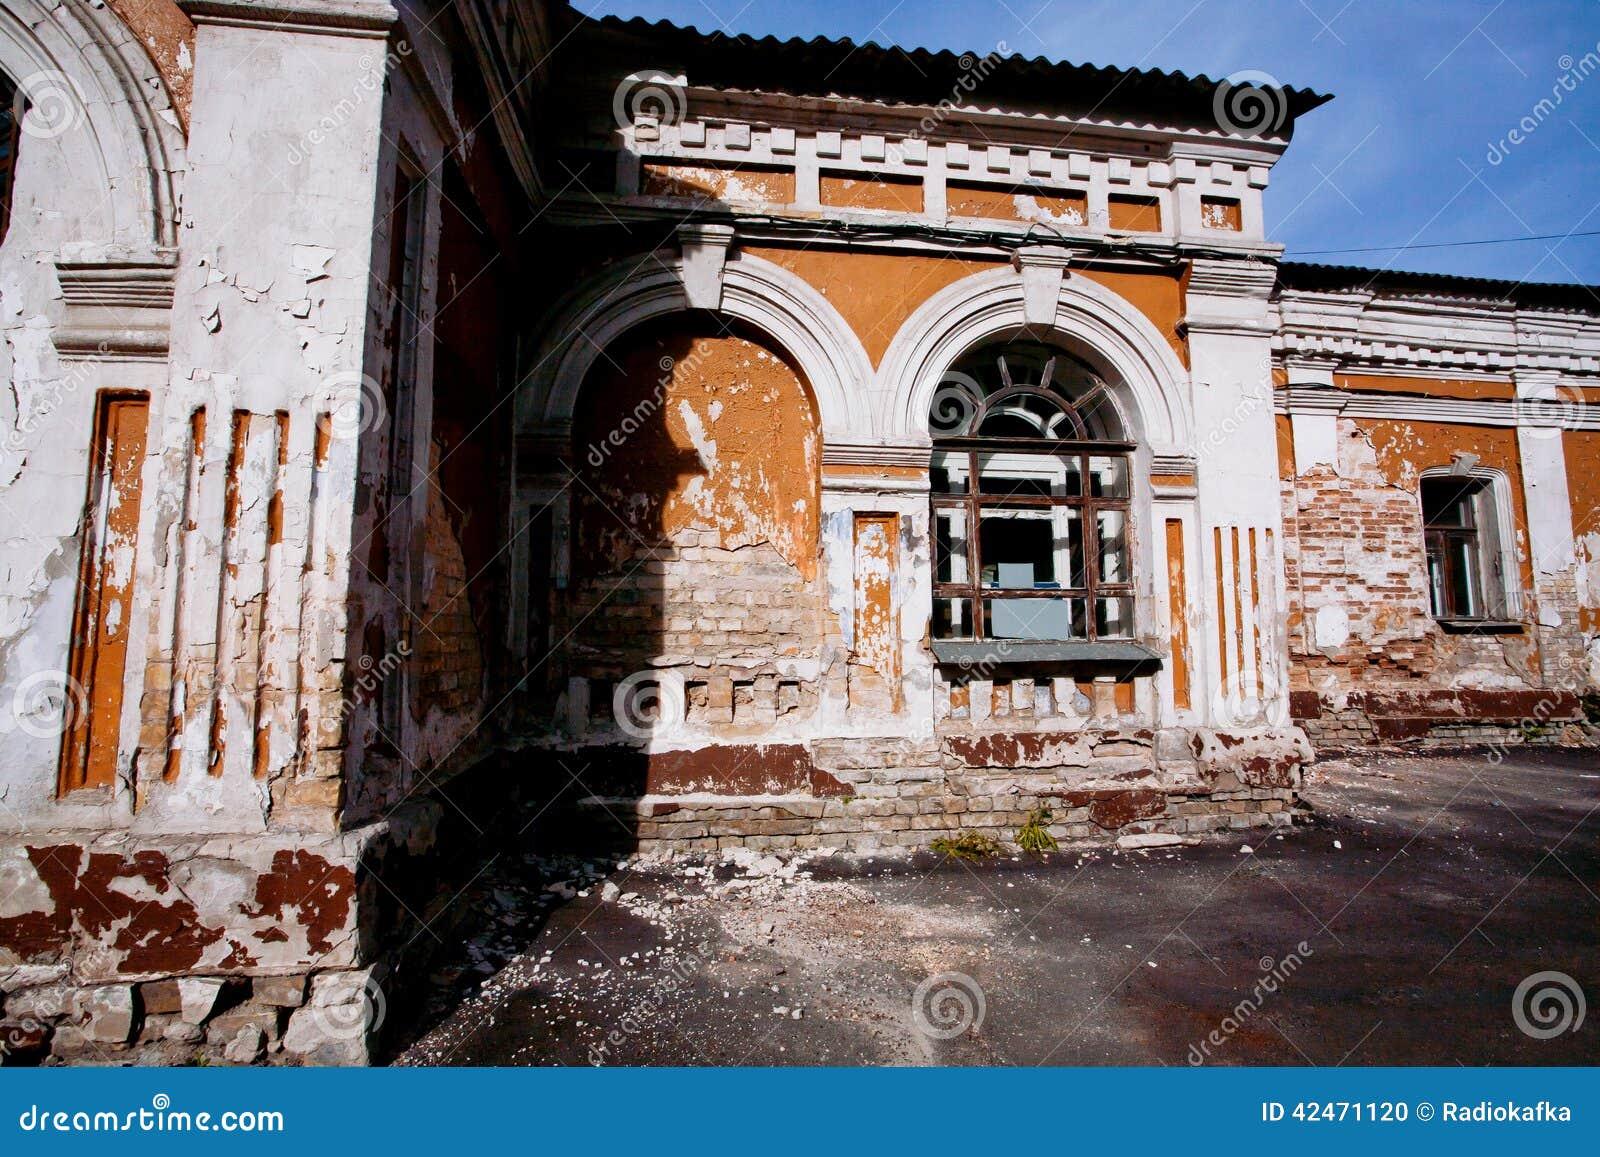 Verlassenes altes Haus mit Wänden des roten Backsteins